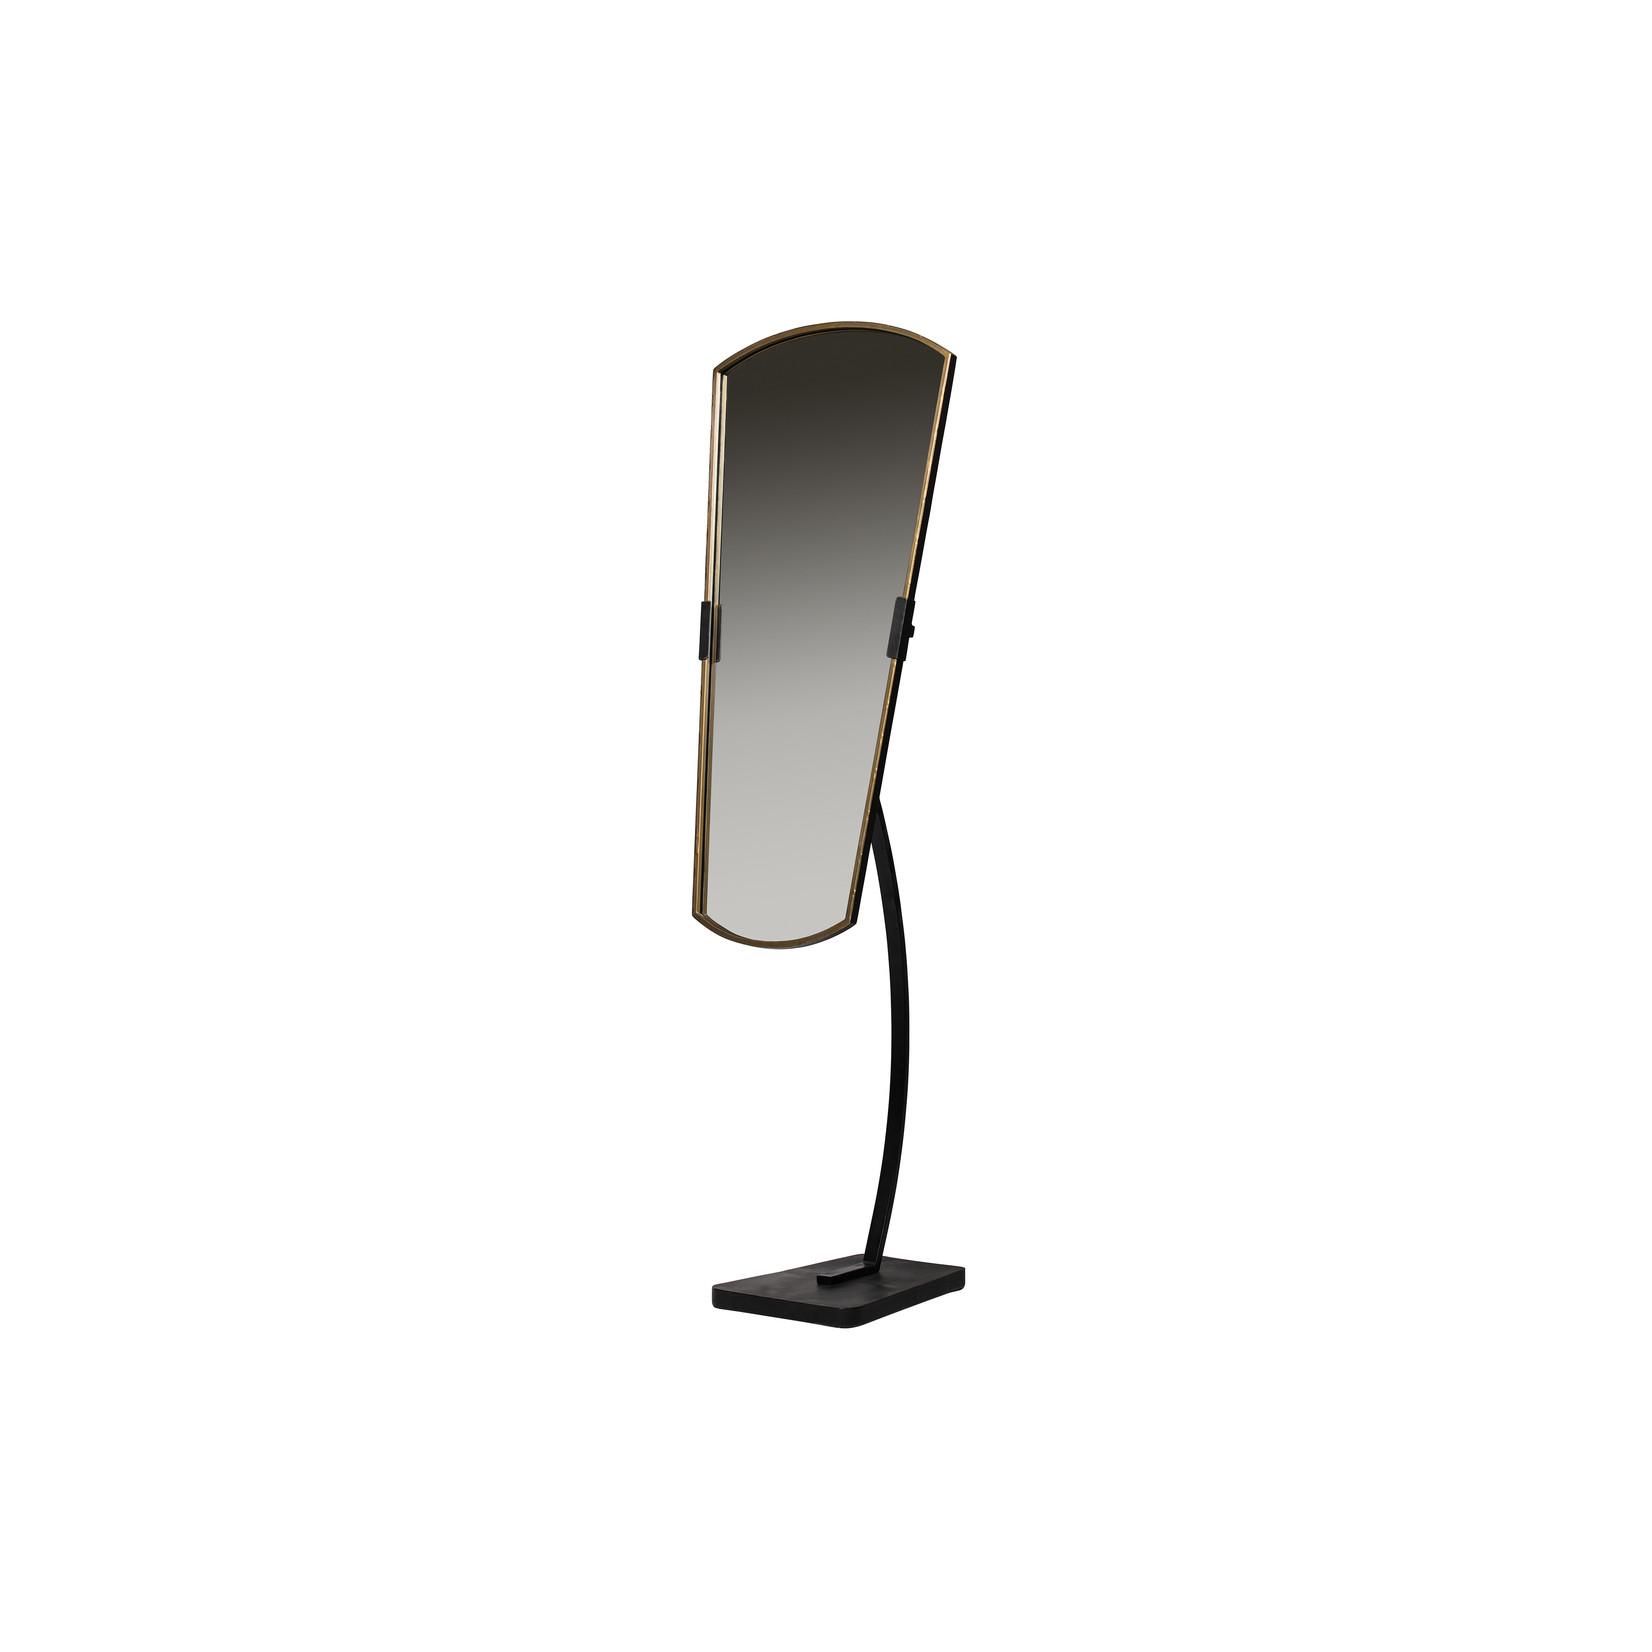 Be Pure Home Arrogant Staande Spiegel 166cm Metaal Zwart/antique Brass